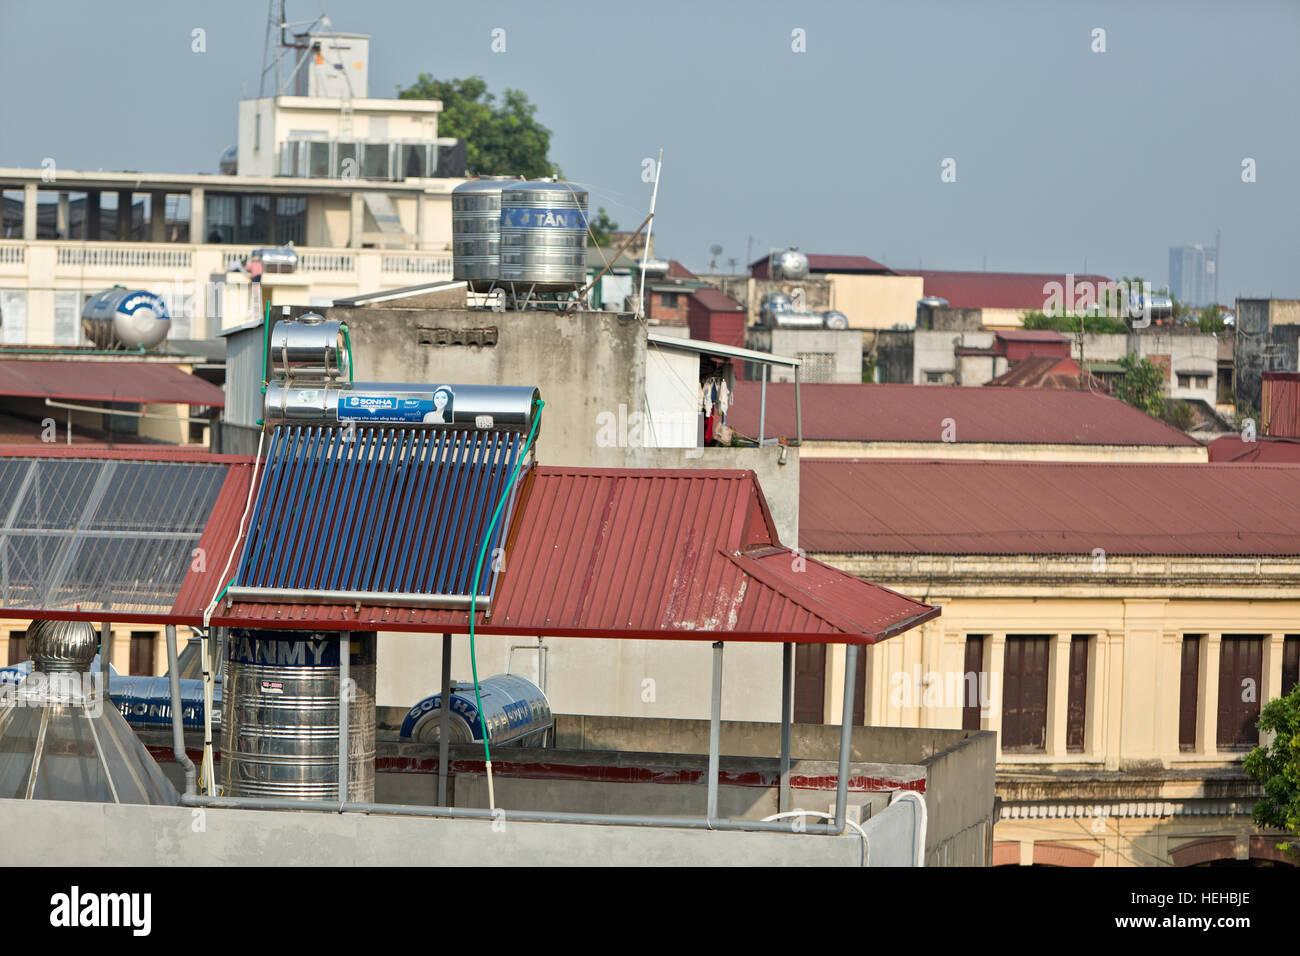 Delightful Solar Warmwasser Heizung Auf Dem Dach Installiert.